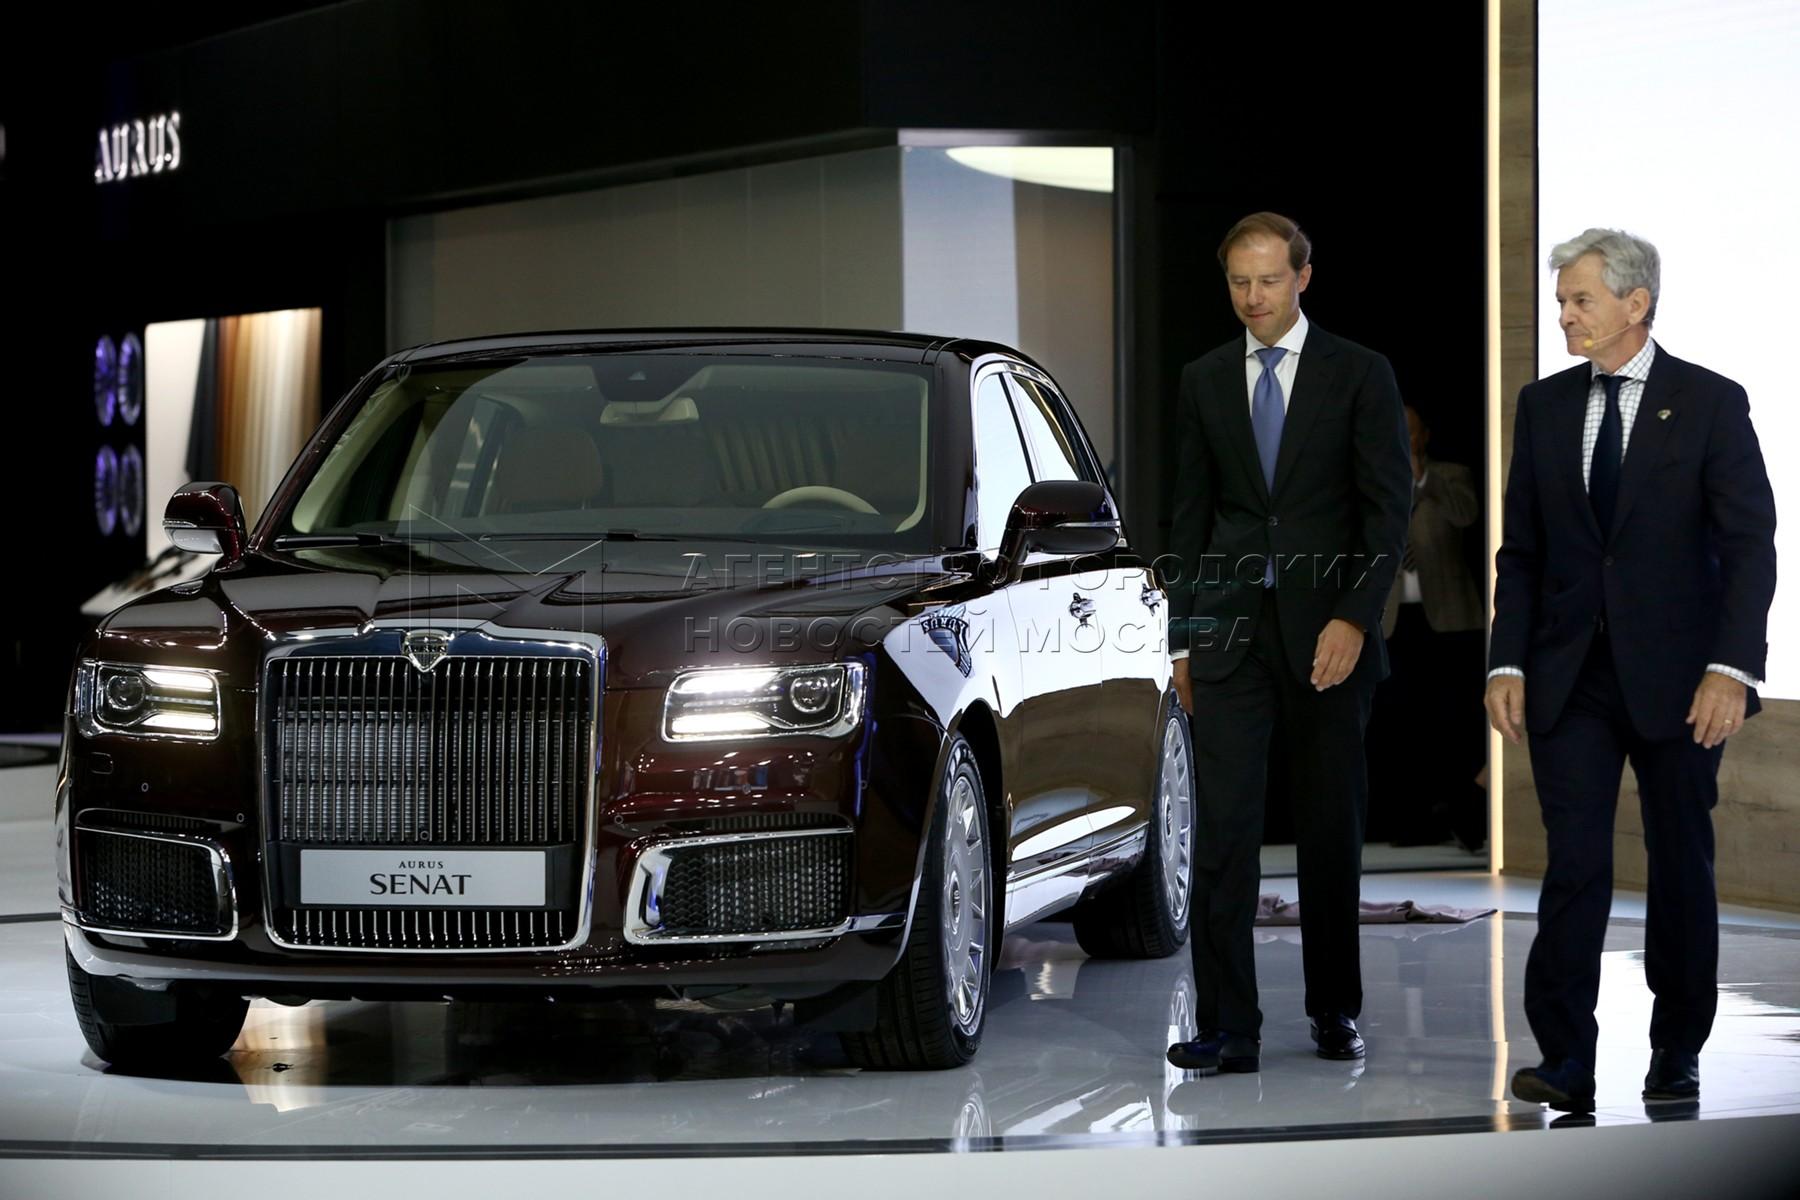 Министр промышленности и торговли РФ Денис Мантуров (слева) и генеральный директор компании Aurus Хильгерт Франц Герхард на Московском международном автомобильном салоне 2018.